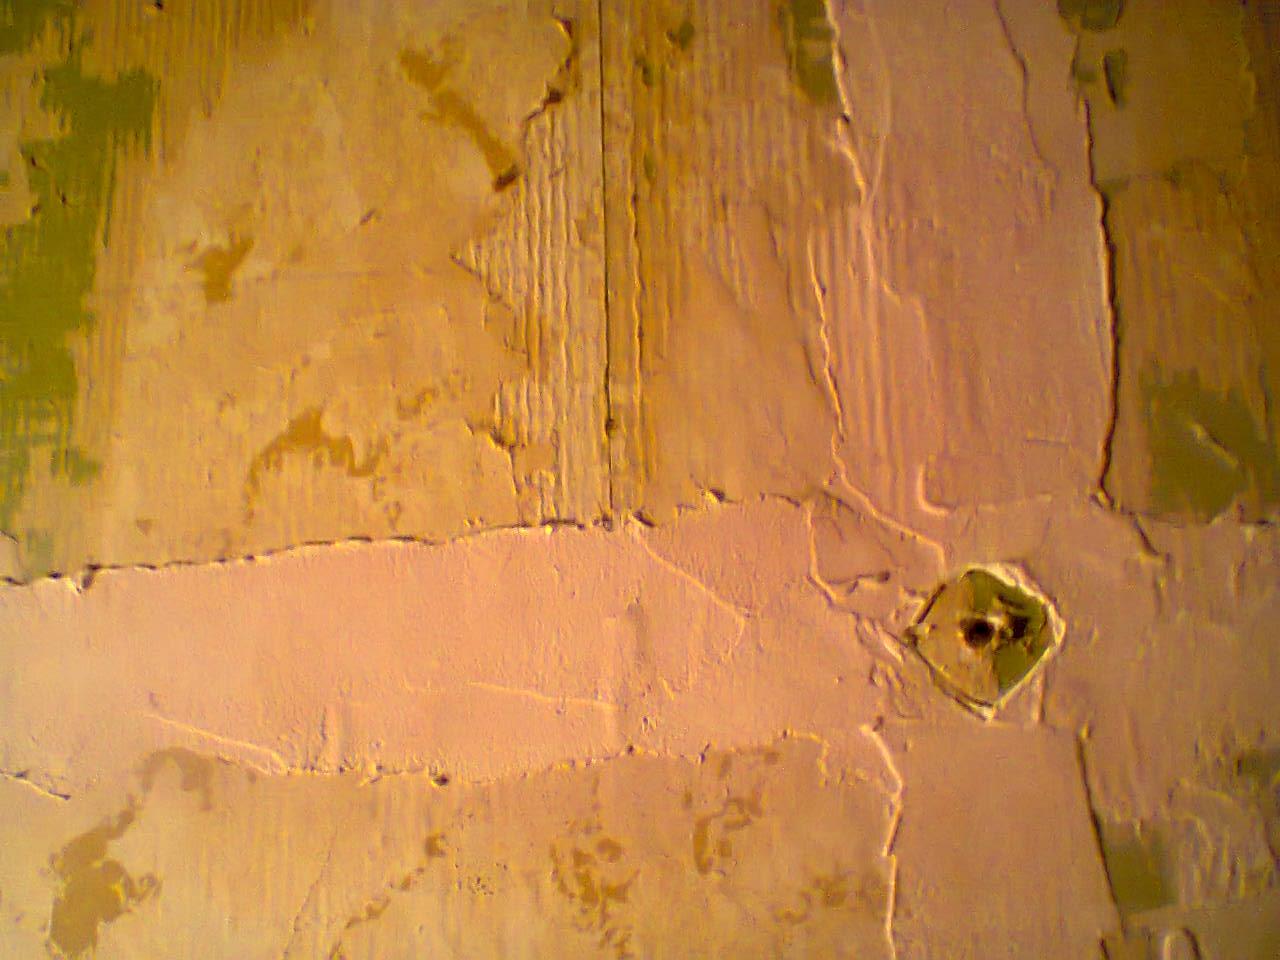 avec quoi reboucher un trou dans un mur rebouche with avec quoi reboucher un trou dans un mur. Black Bedroom Furniture Sets. Home Design Ideas